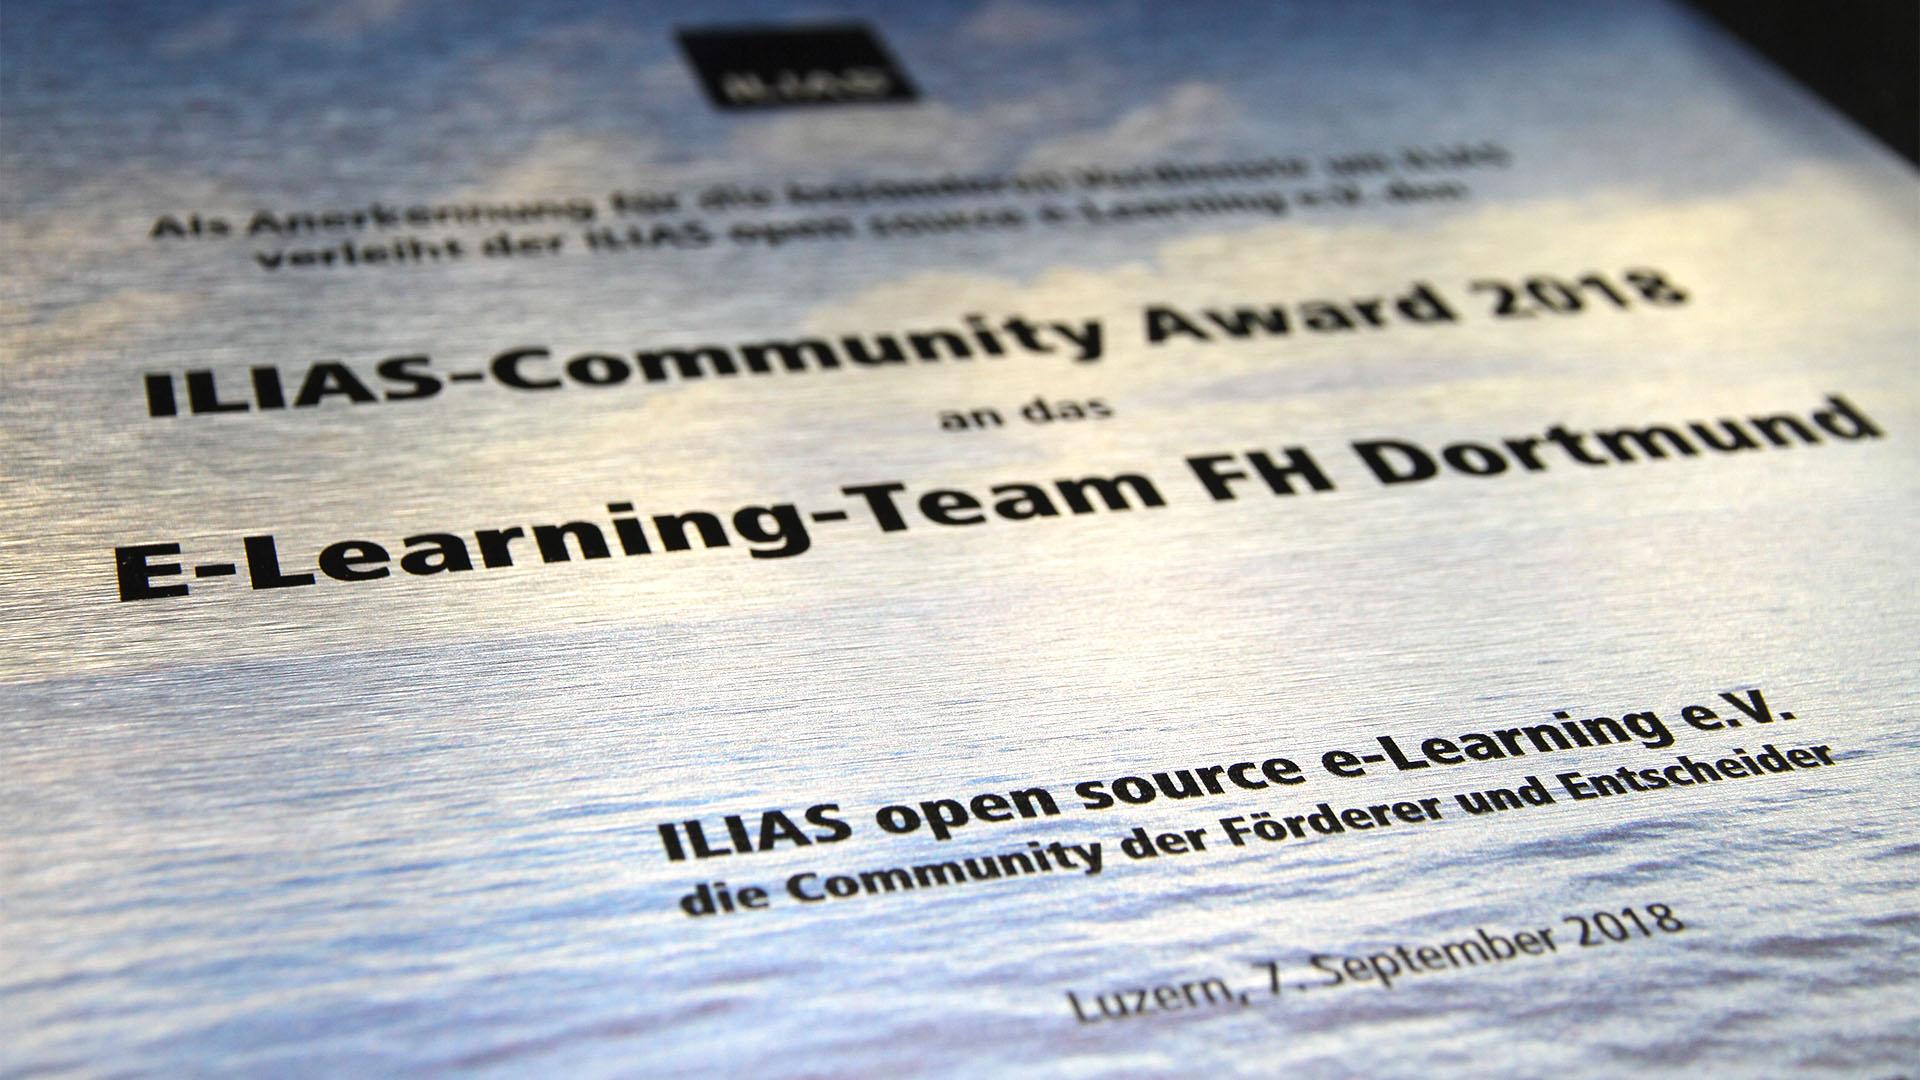 ILIAS-Award für E-Learning-Team